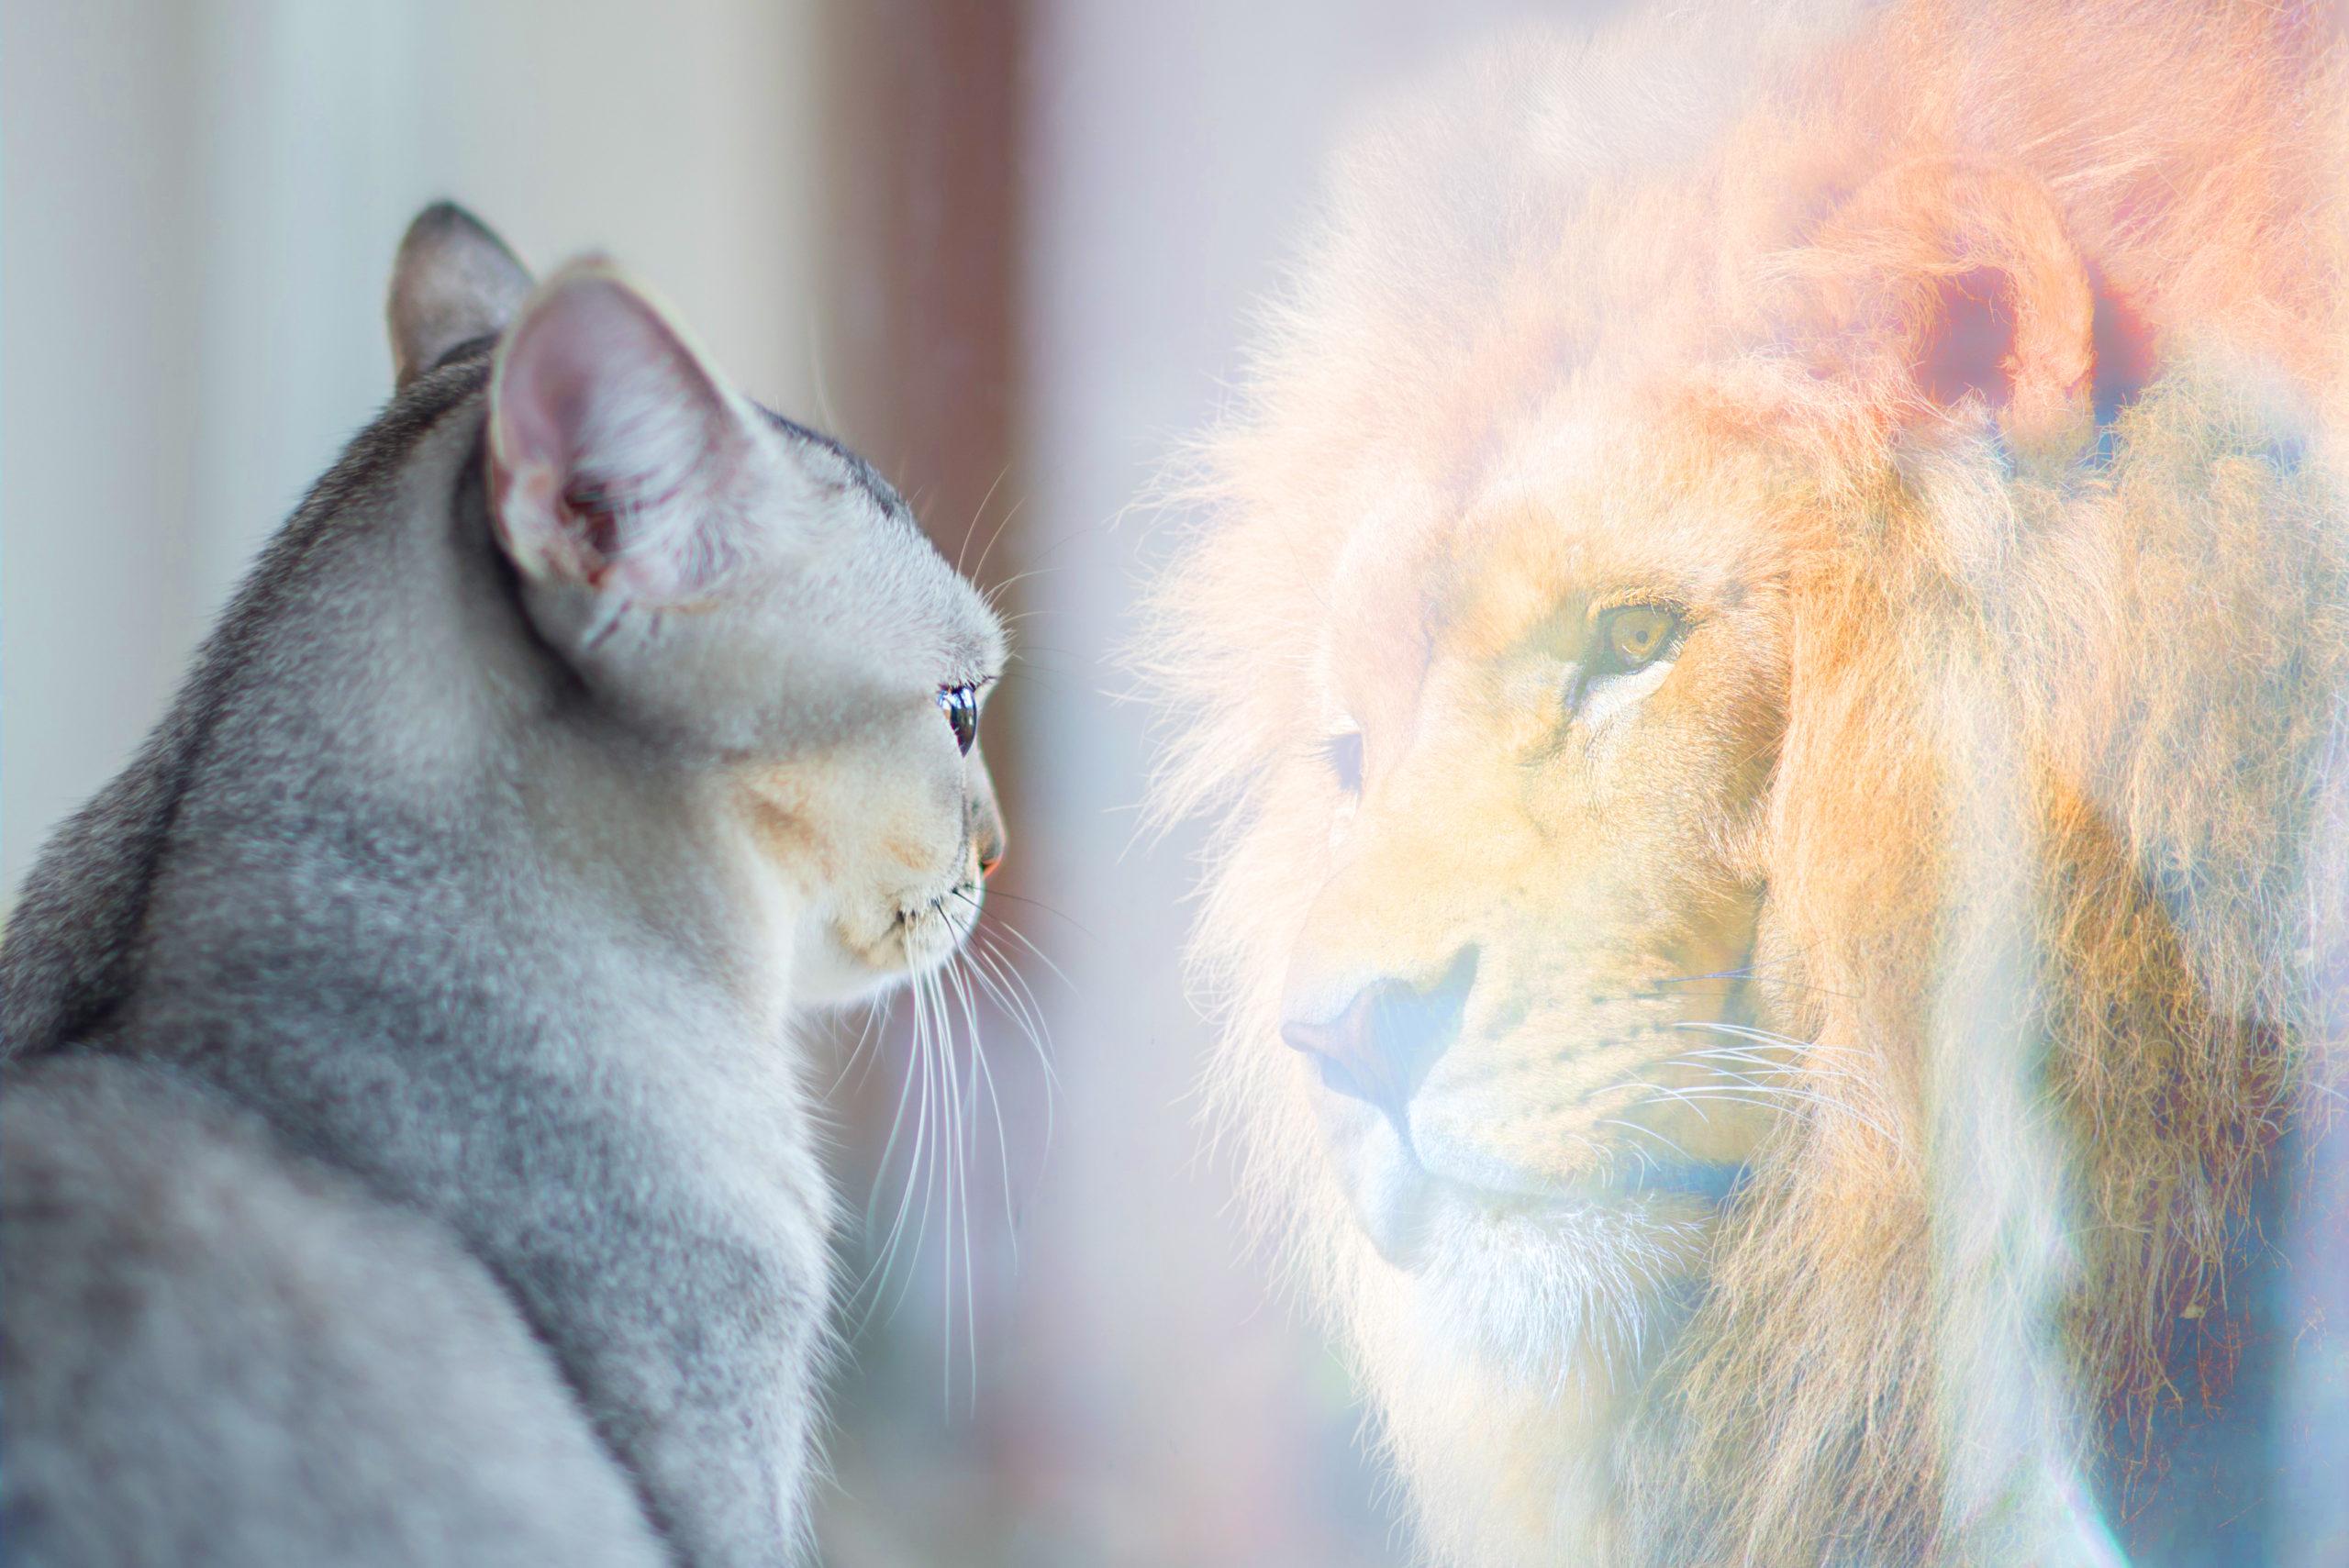 Das dynamische Selbstbild oder warum jeder Mensch sich zum Positiven verändern kann